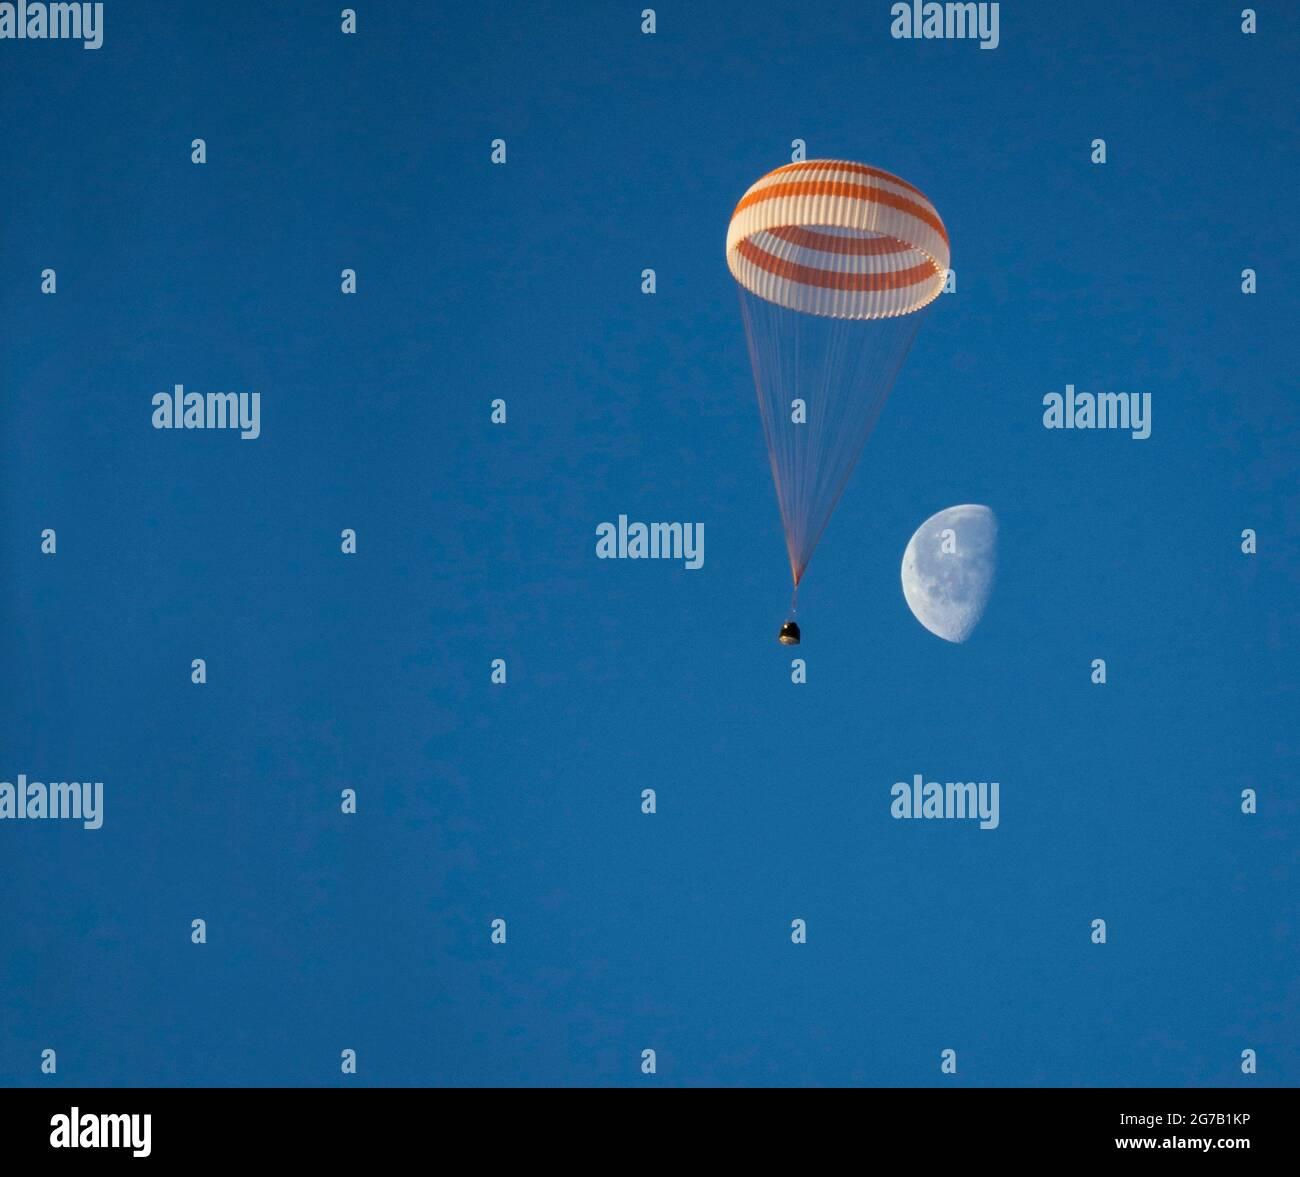 Expedición 42 Soyuz TMA-14M Desembarque. La nave espacial Soyuz TMA-14M es vista como aterriza con el comandante de la Expedición 42 Barry Wilmore de la NASA, Alexander Samokutyaev de la Agencia Espacial Federal Rusa (Roscosmos) y Elena Serova de Roscosmos cerca de la ciudad de Zhezkazgan, Kazajstán, el 12 2015 de marzo. El astronauta de la NASA, Wilmore, los cosmonautas rusos Samokutyaev y Serova están regresando después de casi seis meses a bordo de la Estación Espacial Internacional, donde sirvieron como miembros de las tripulaciones de la Expedición 41 y 42. Una única versión optimizada y mejorada de una imagen de la NASA / crédito NASA / Bill Ingalls Foto de stock